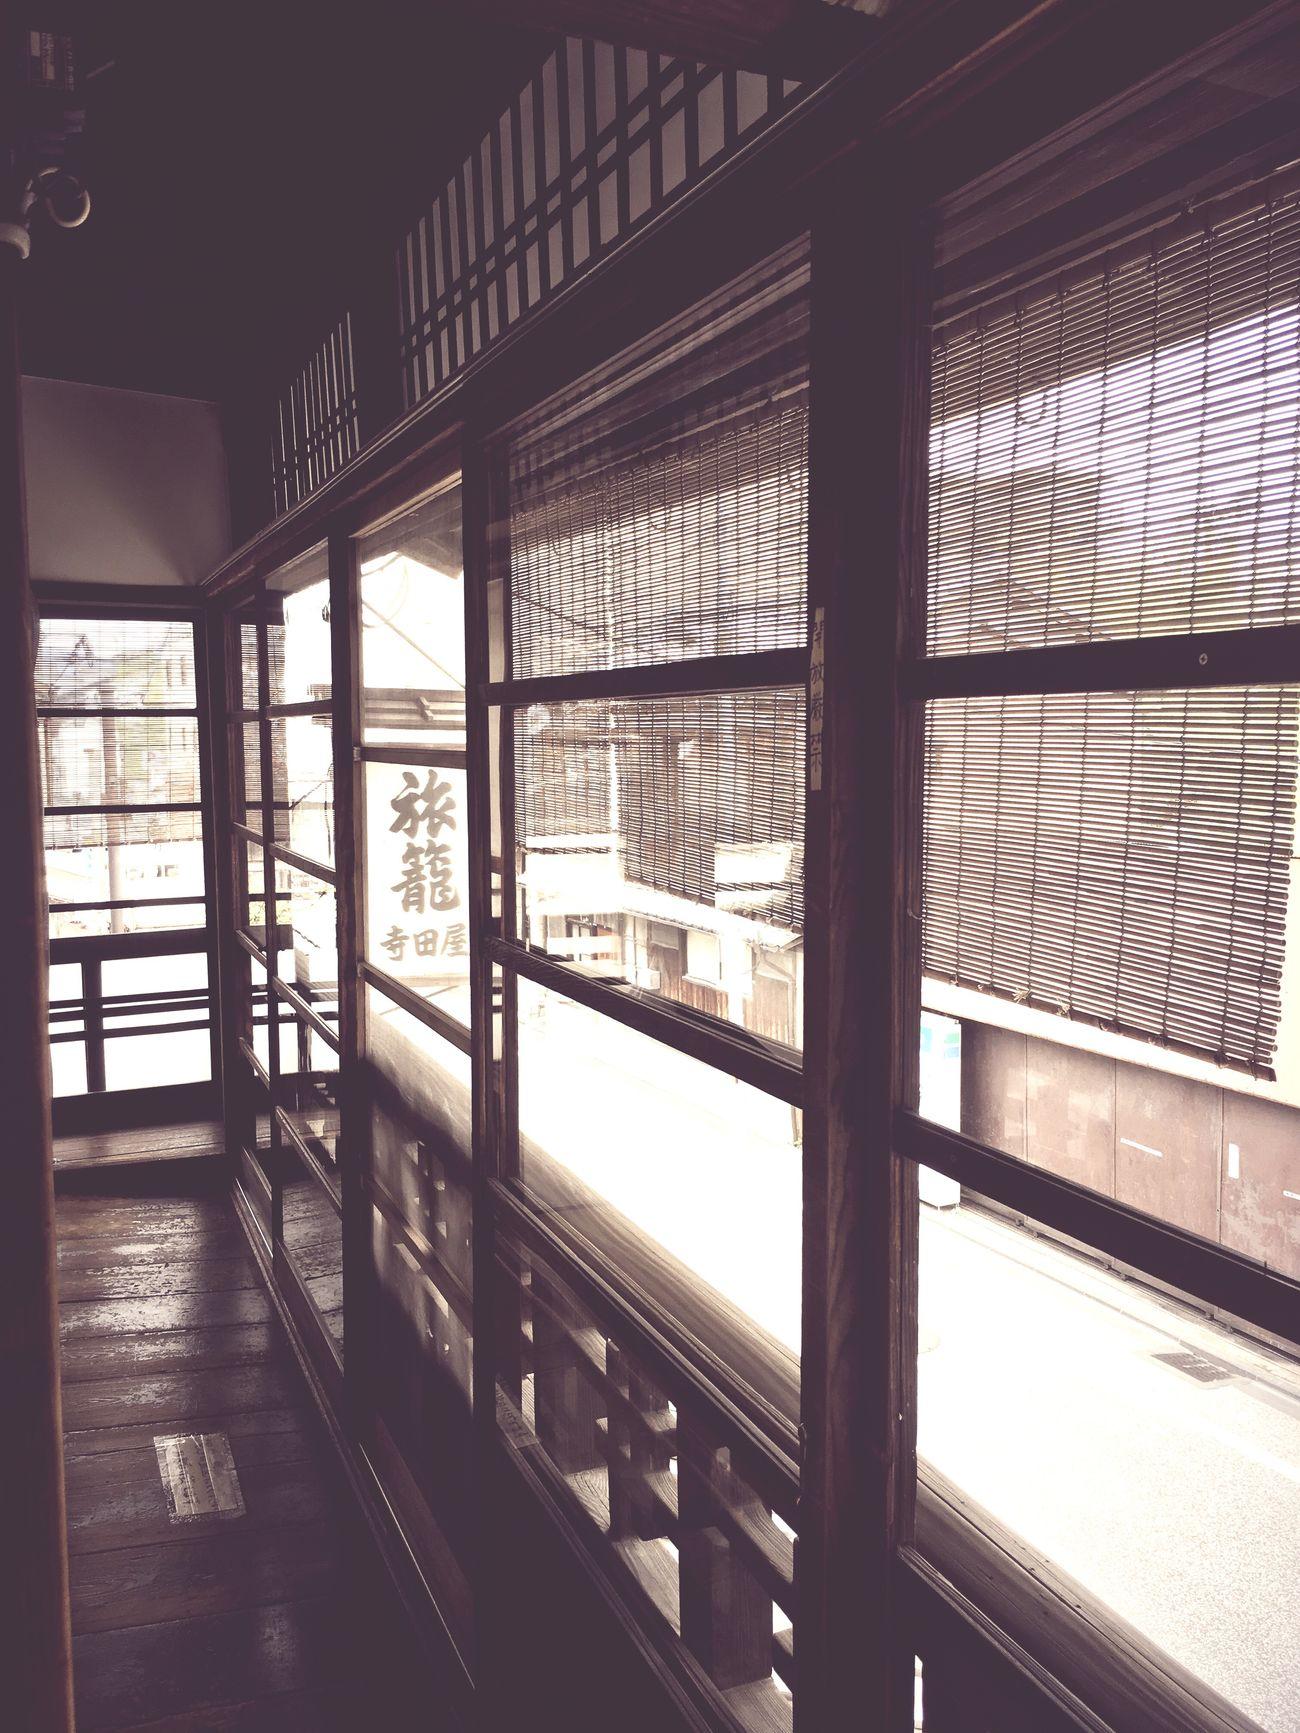 寺田屋 坂本龍馬 京都 日本 Terada-ya Sakamoto Ryoma Kyoto Japan Historic